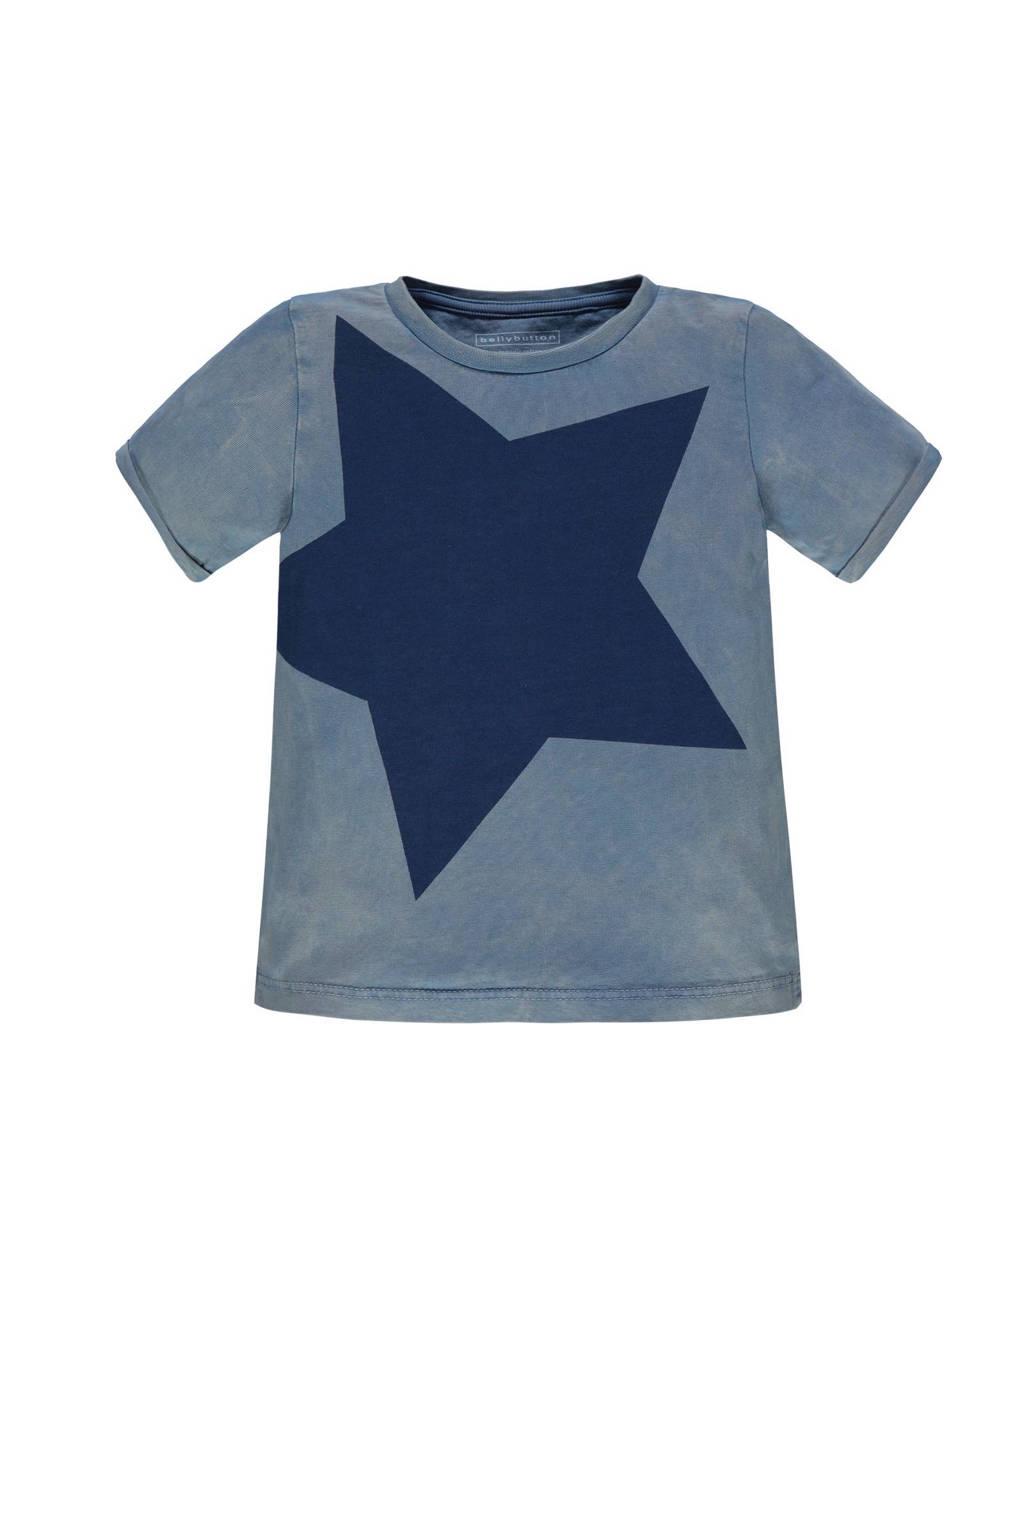 bellybutton T-shirt met ster, Blauw